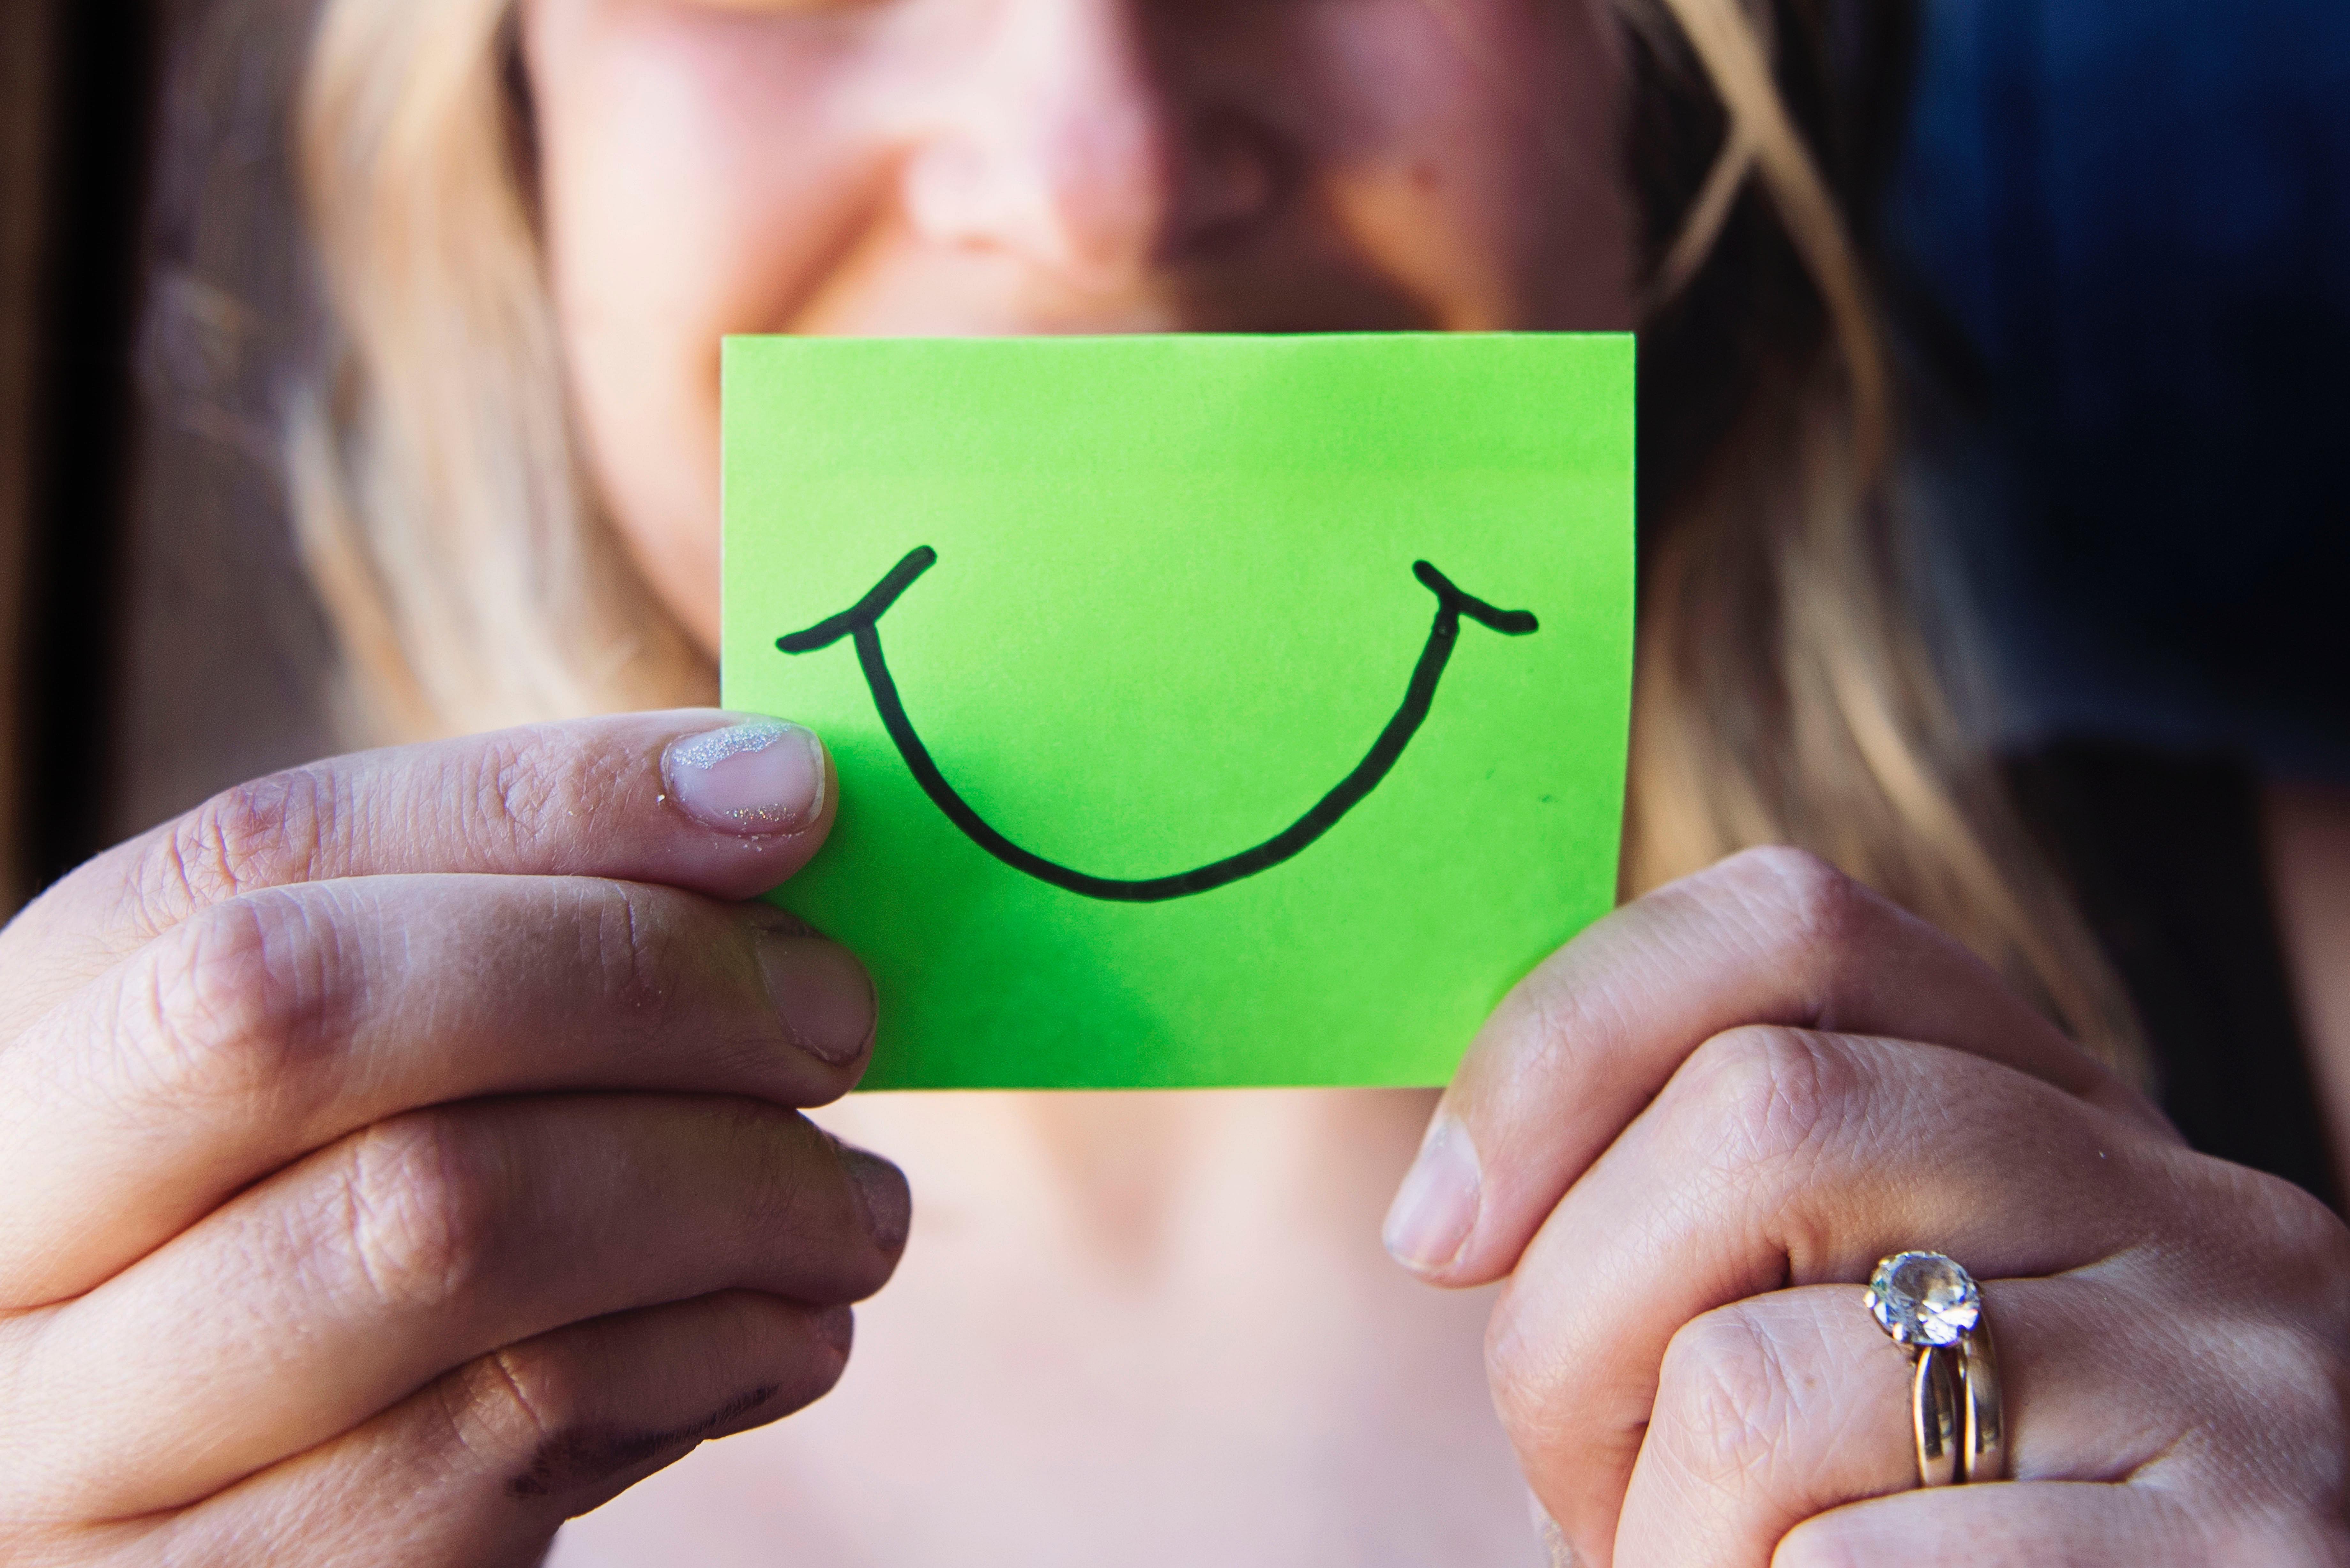 Tienes derecho a una vida plena y feliz